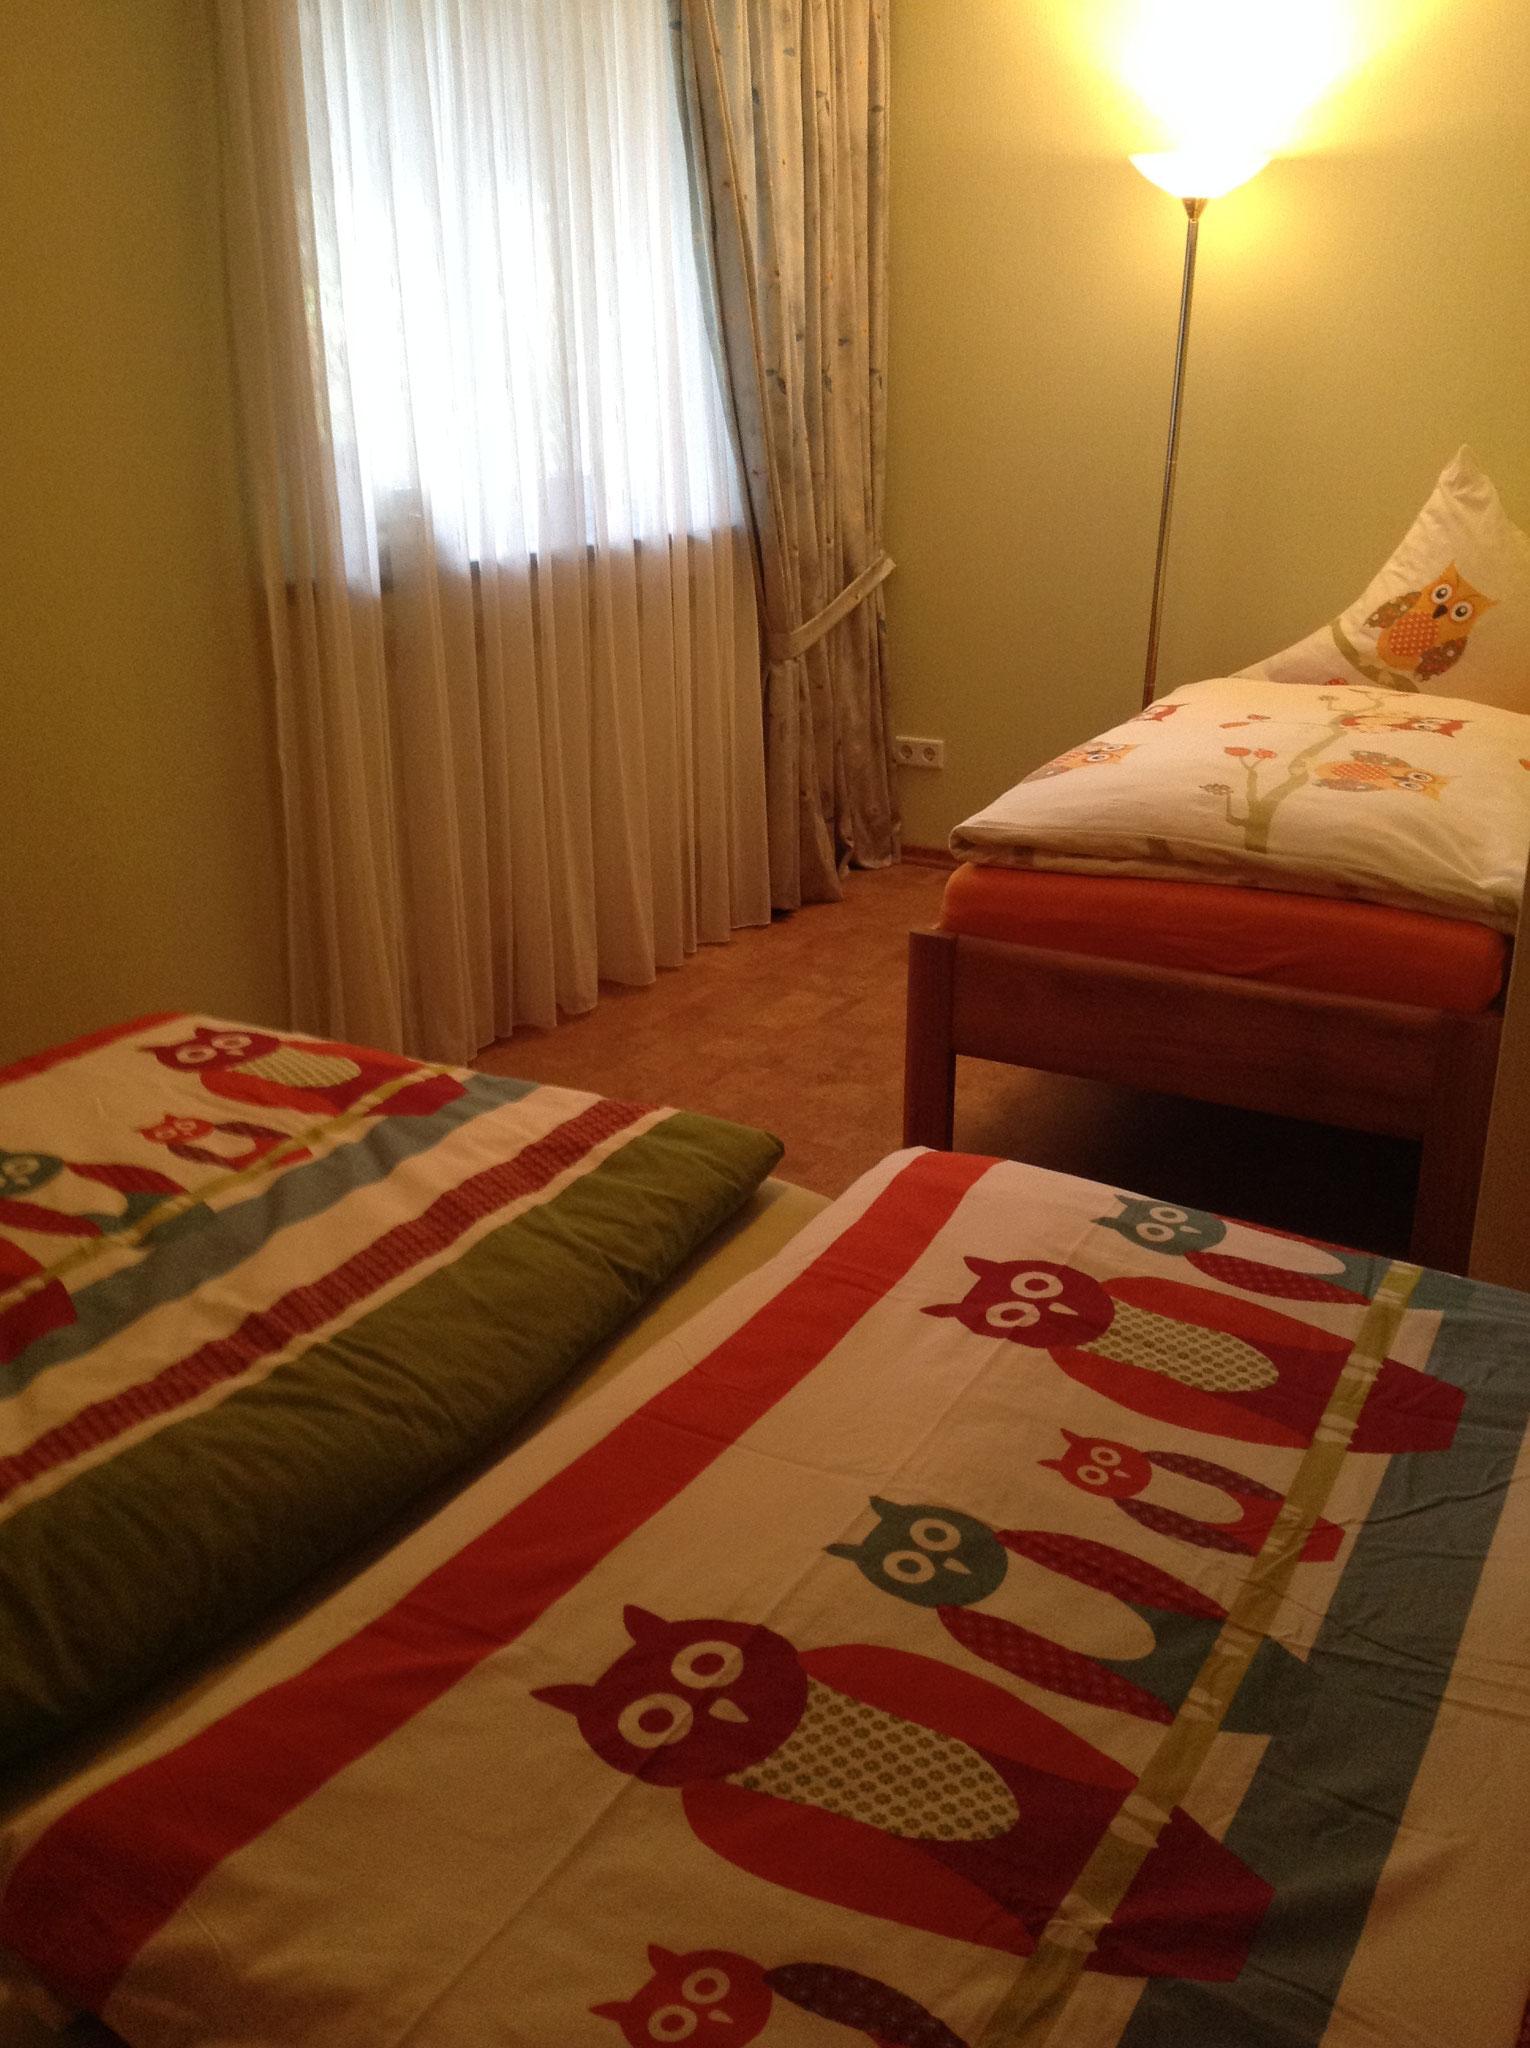 Schlafzimmer 3-4 Betten